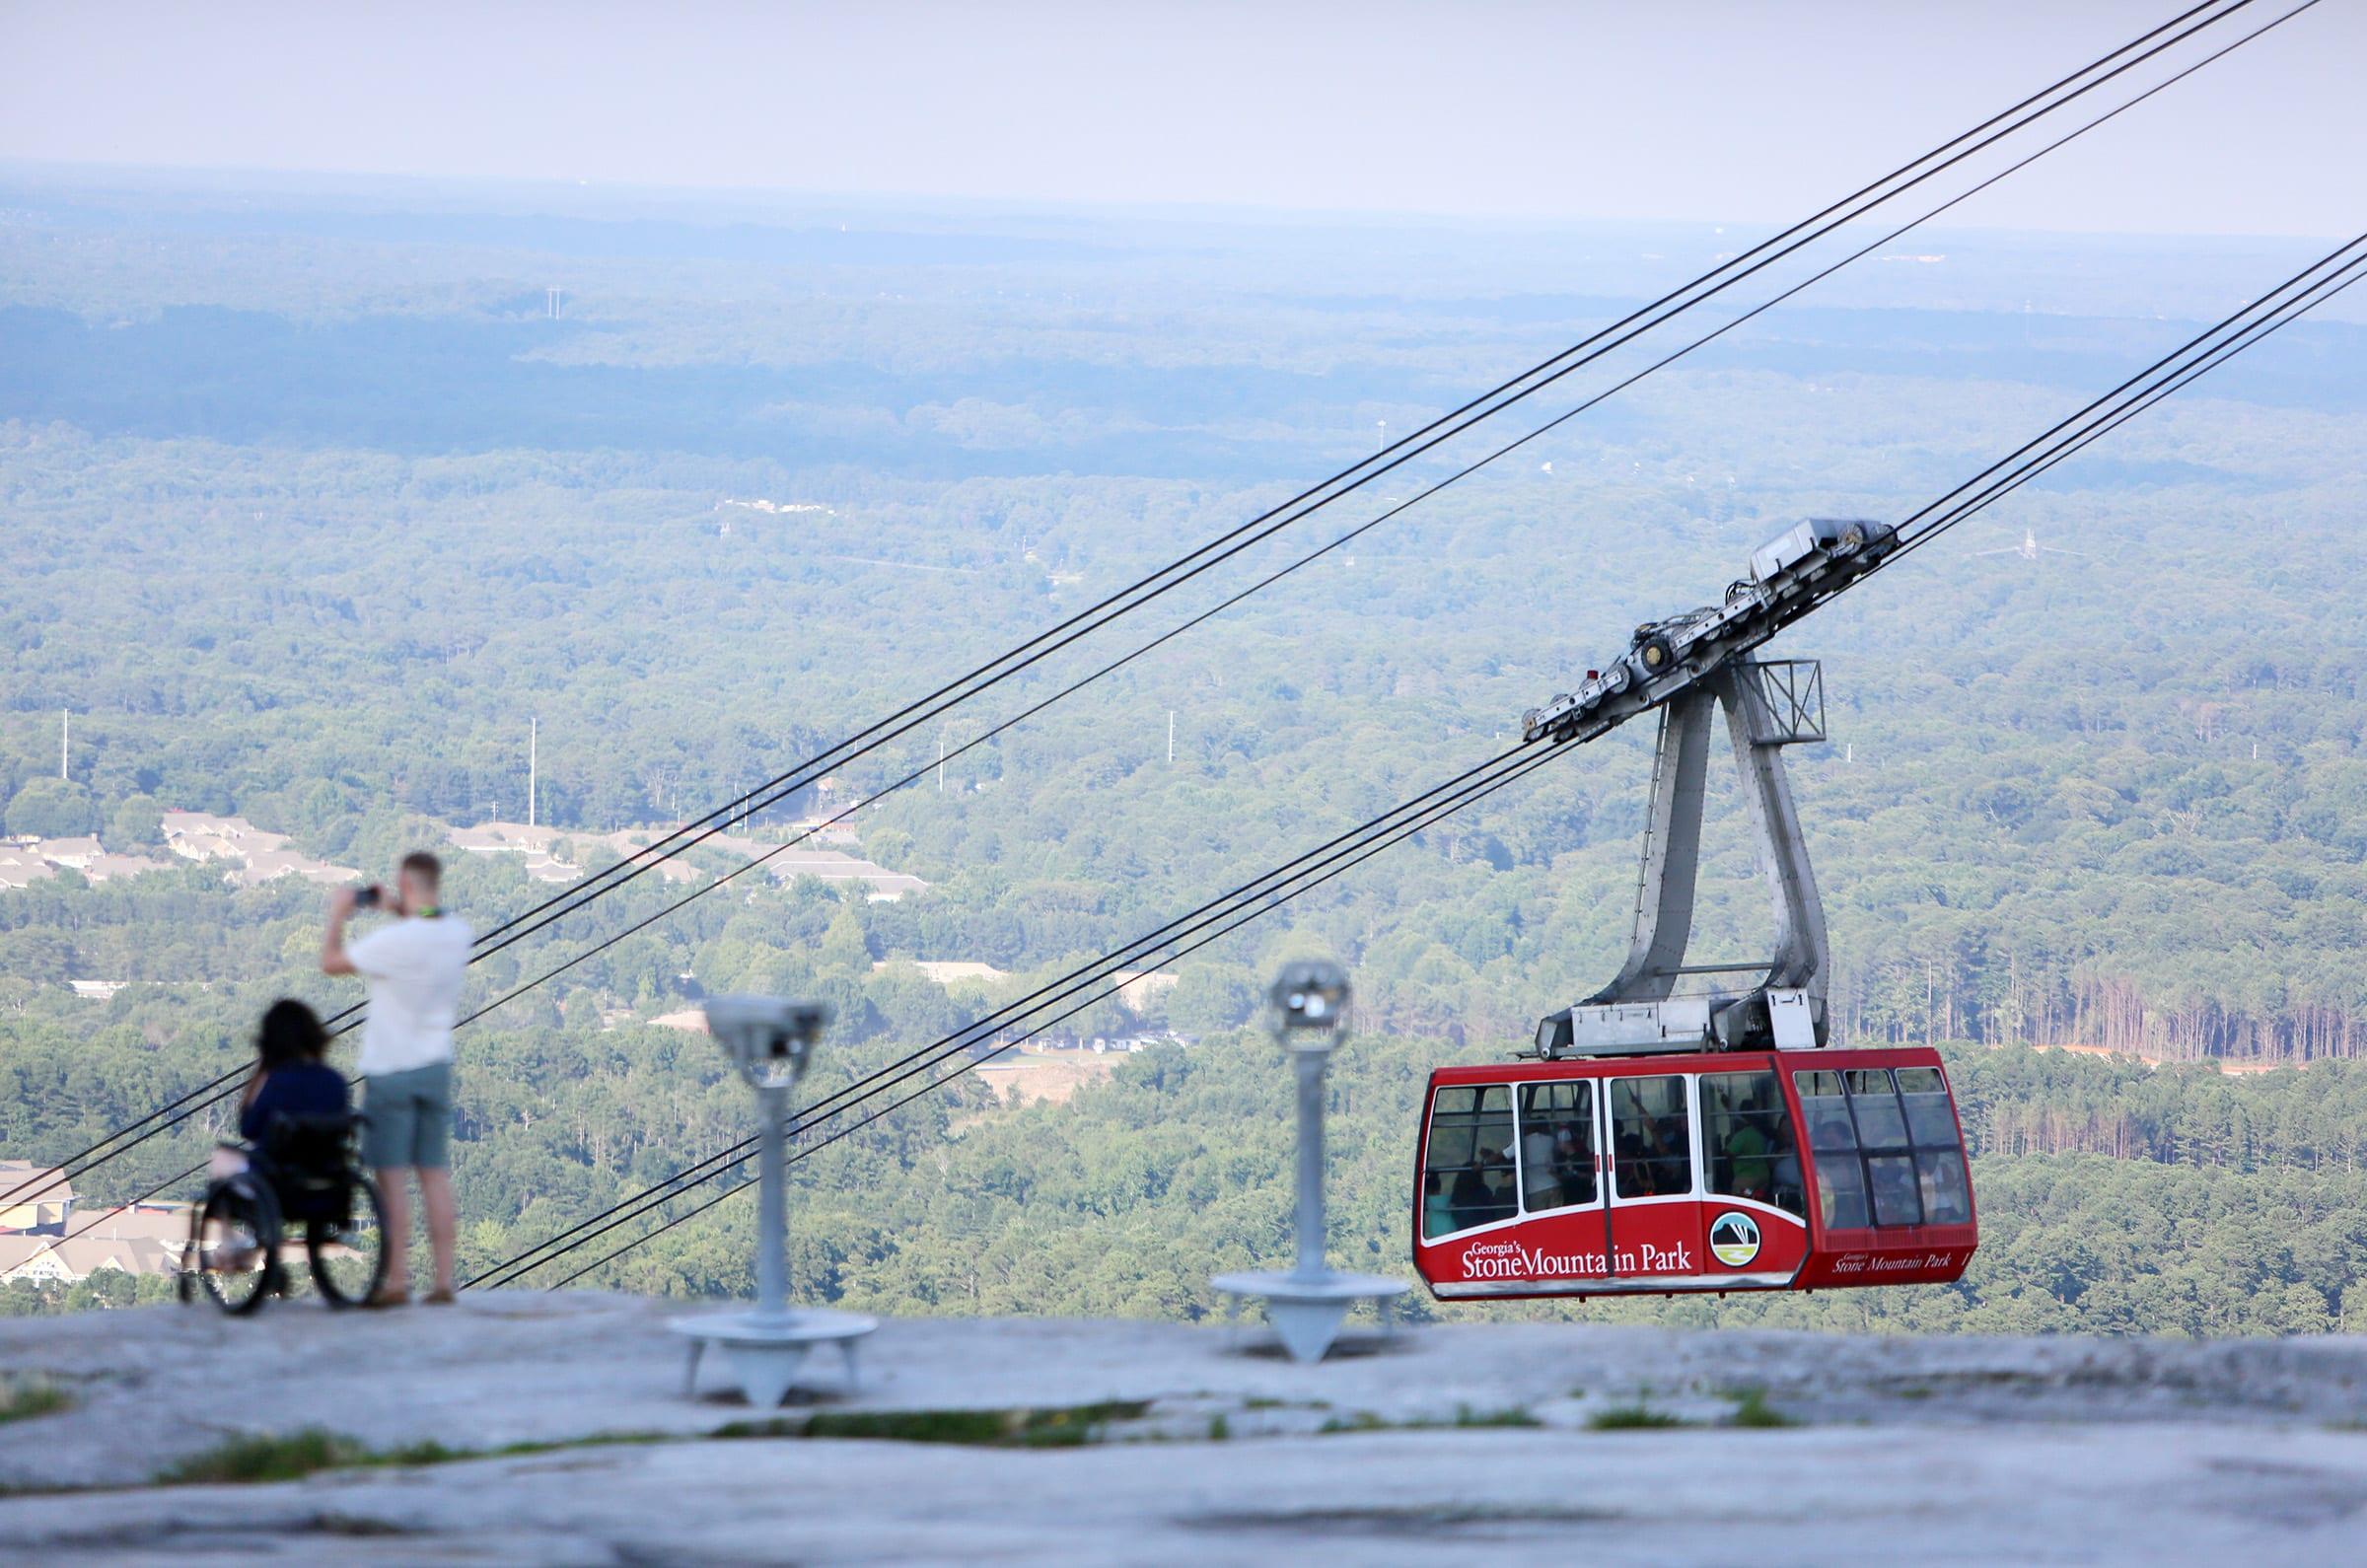 ¡A disfrutar de las atracciones del icónico Stone Mountain Park de Atlanta!